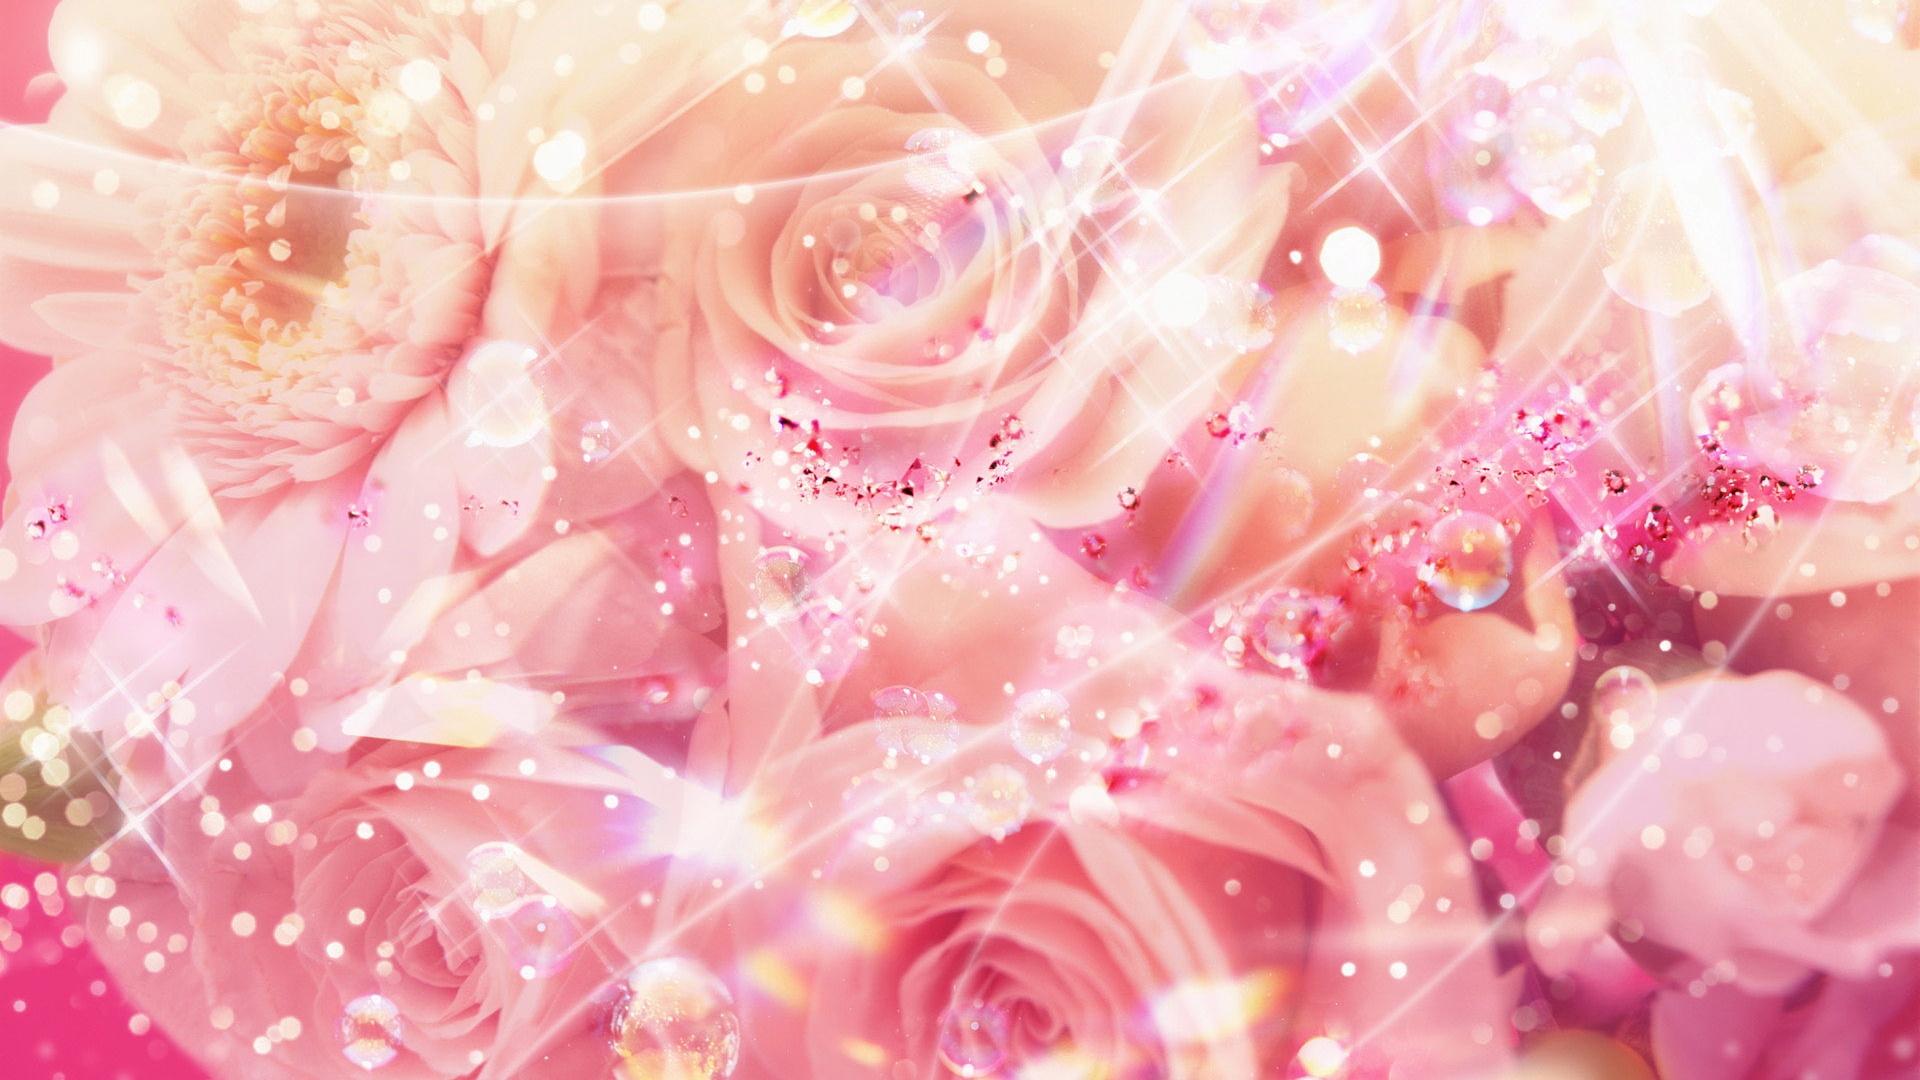 http://fs1.directupload.net/images/150705/67w5ai9w.jpg